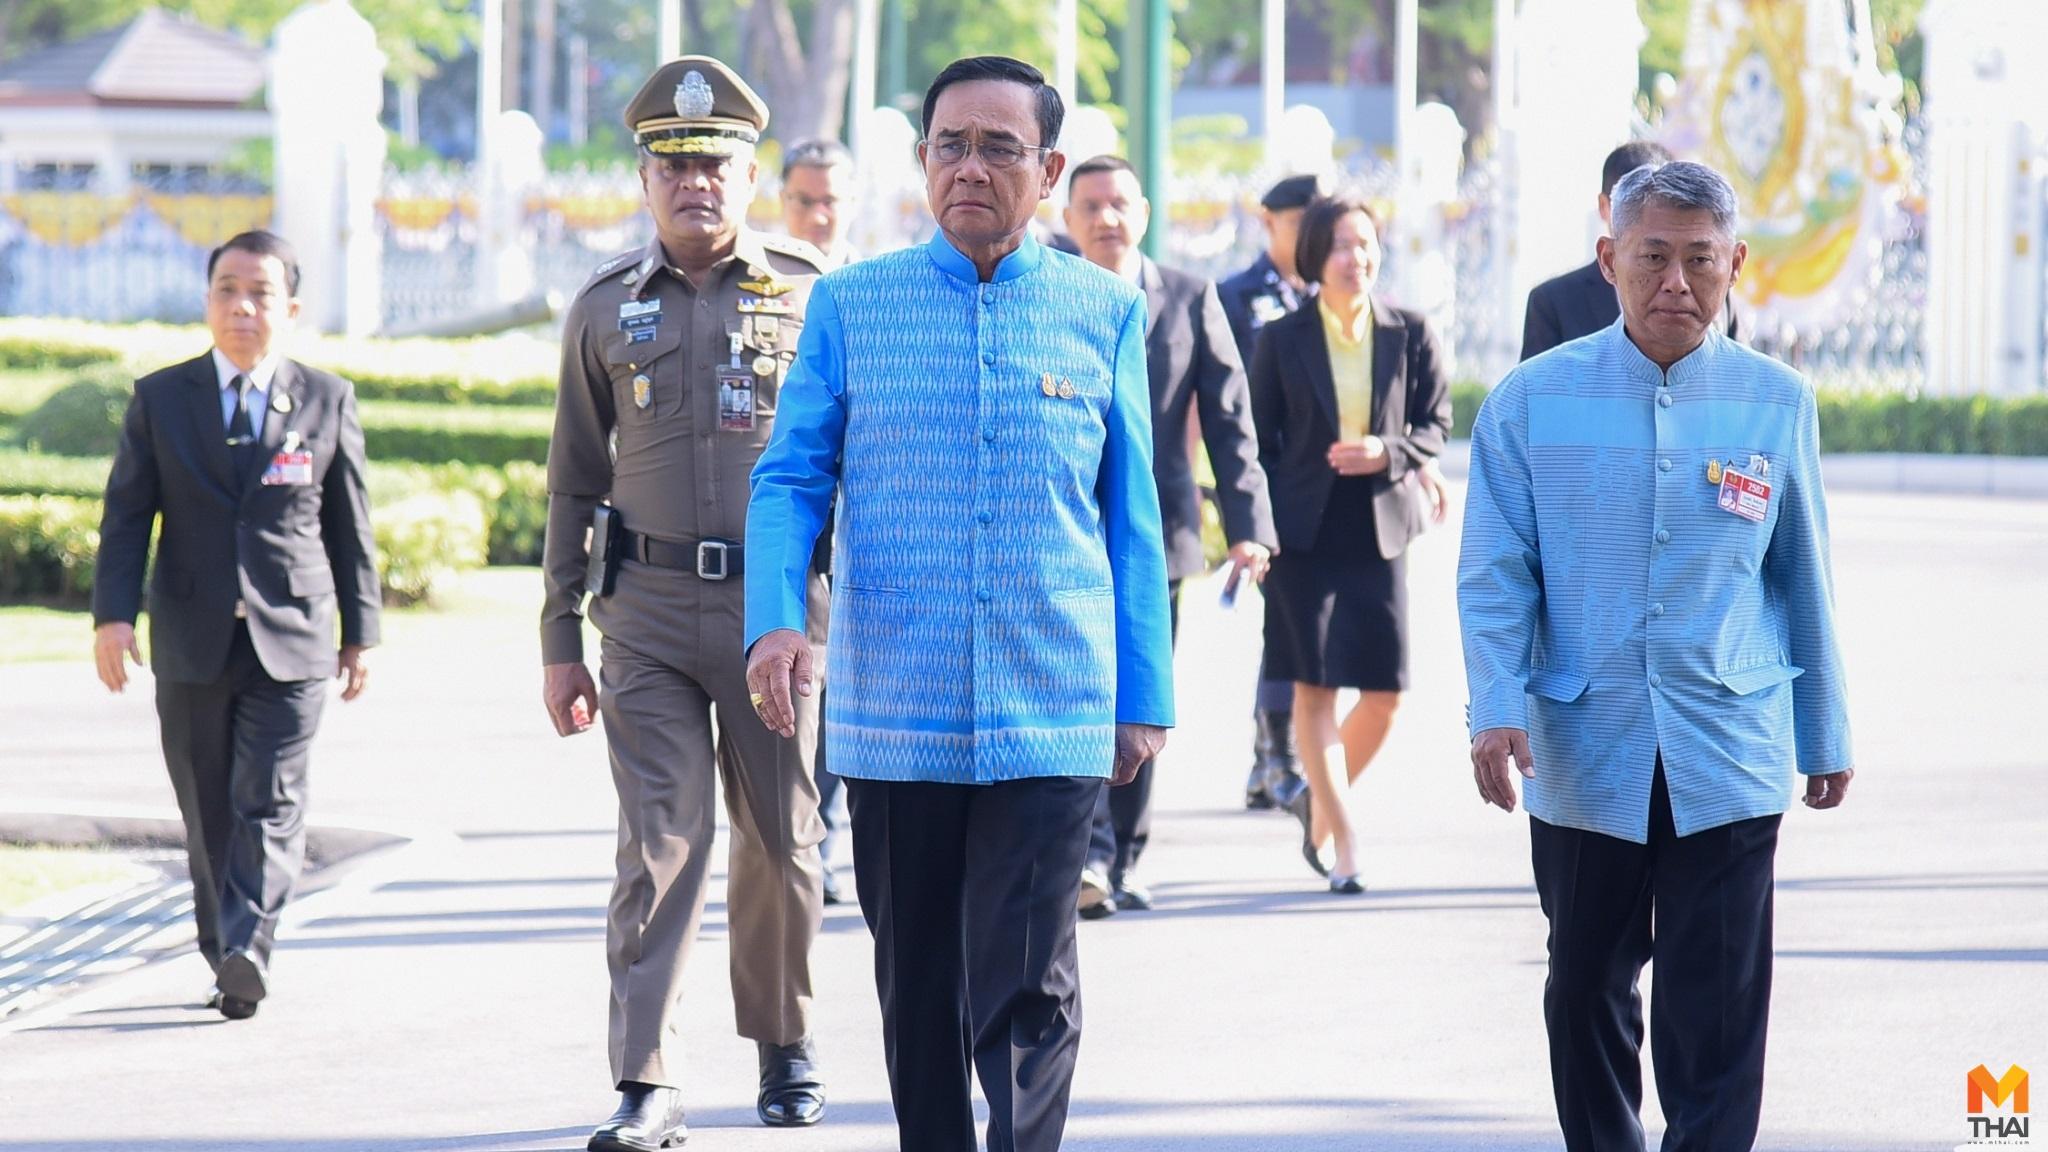 นายกรัฐมนตรี พลเอกประยุทธ์ จันทร์โอชา